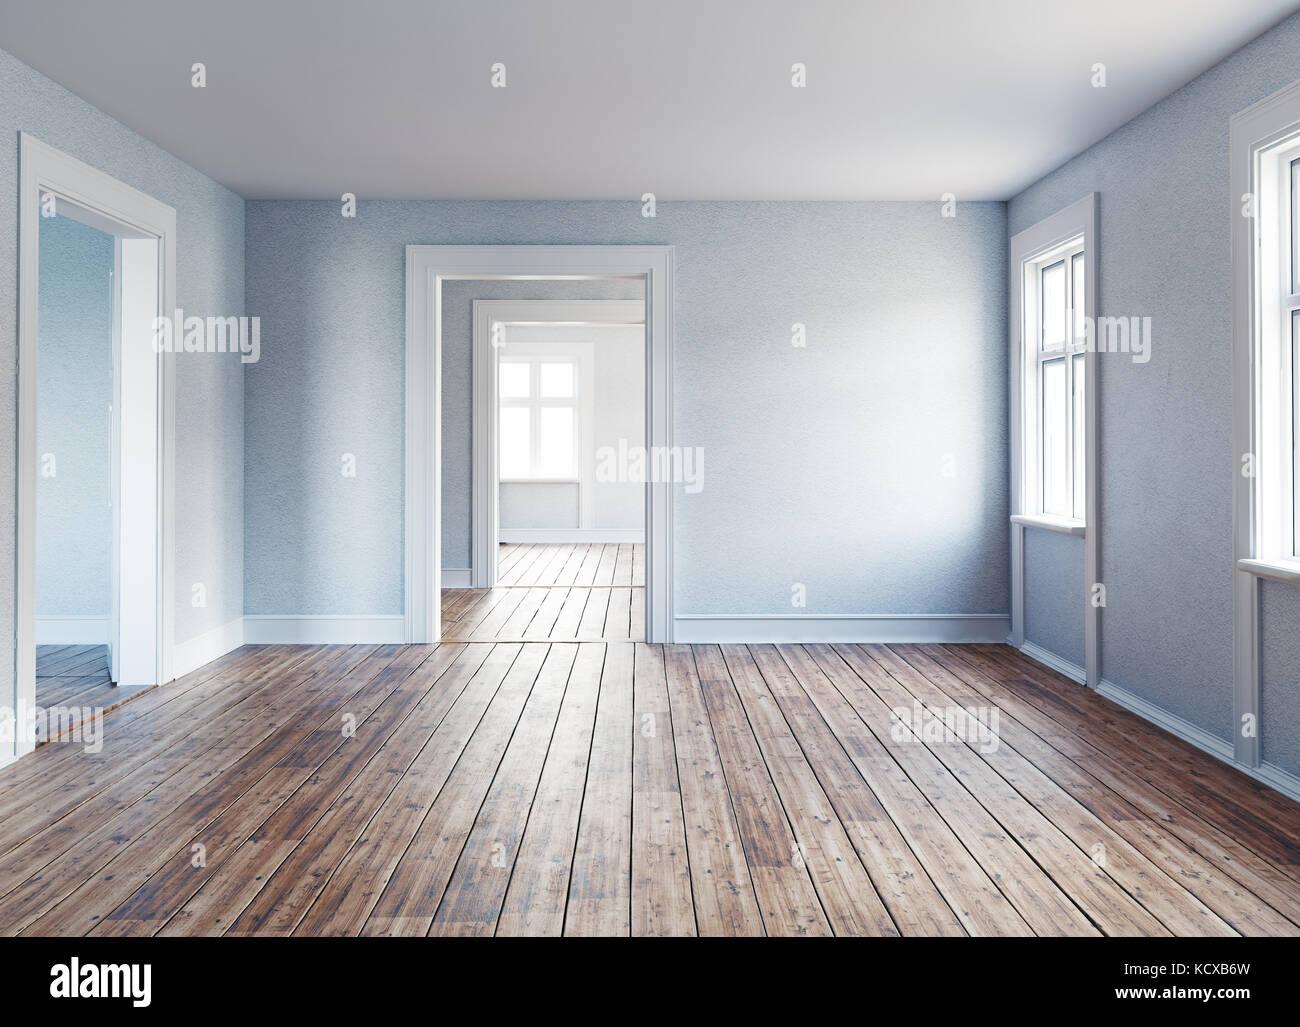 Las modernas habitaciones interiores vacíos. 3D rendering Imagen De Stock